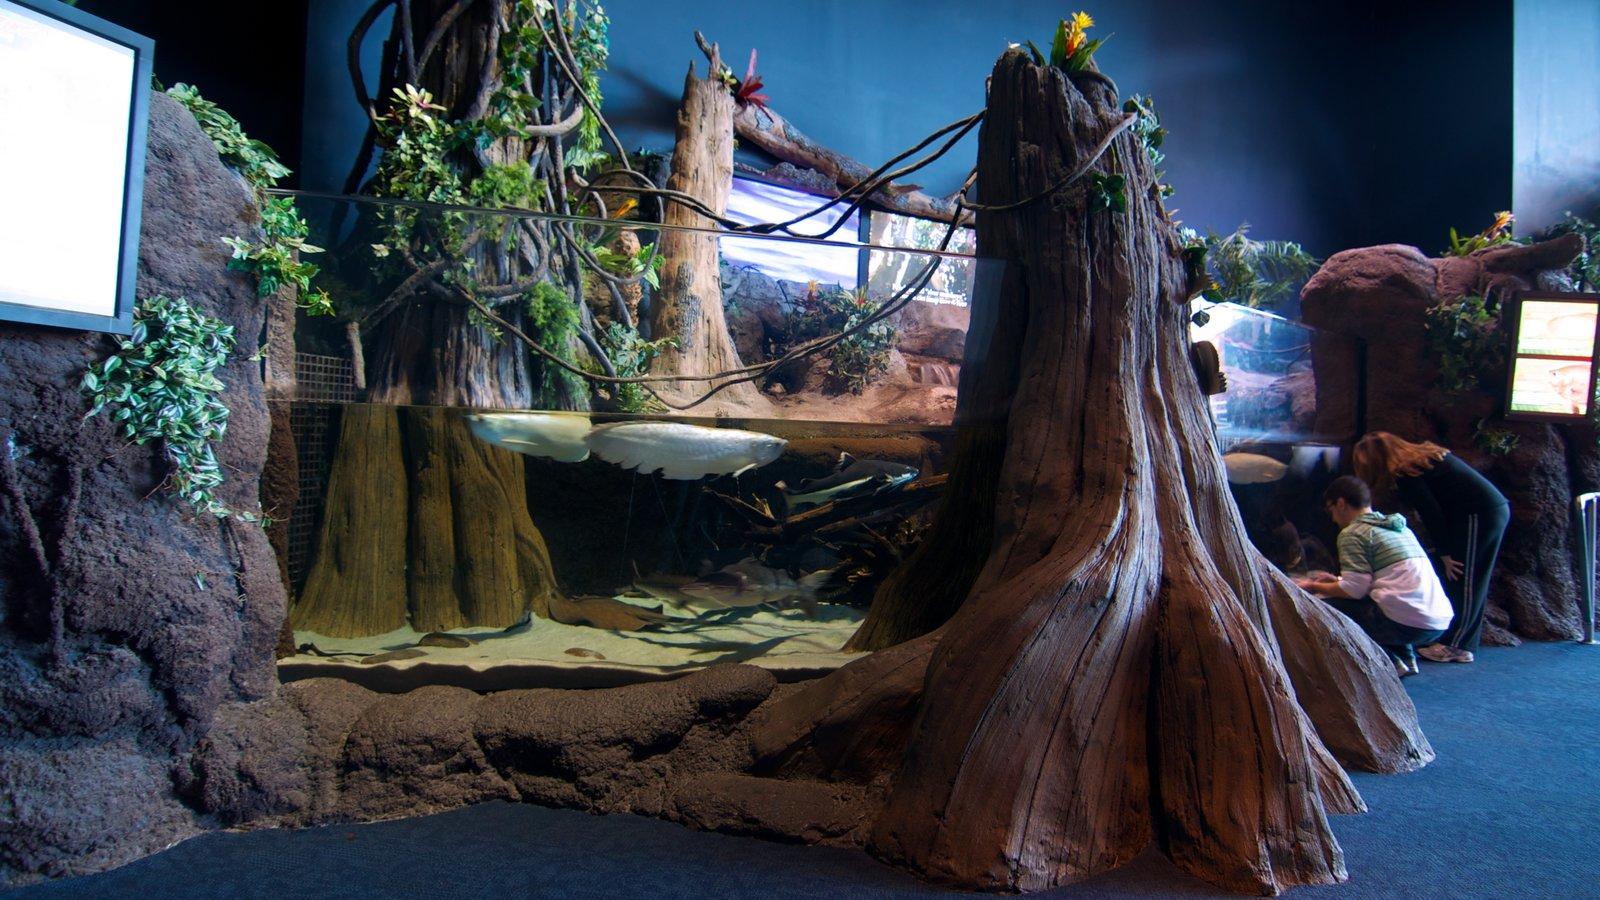 Ripley\'s Aquarium mostrando arte, vida marinha e vistas internas